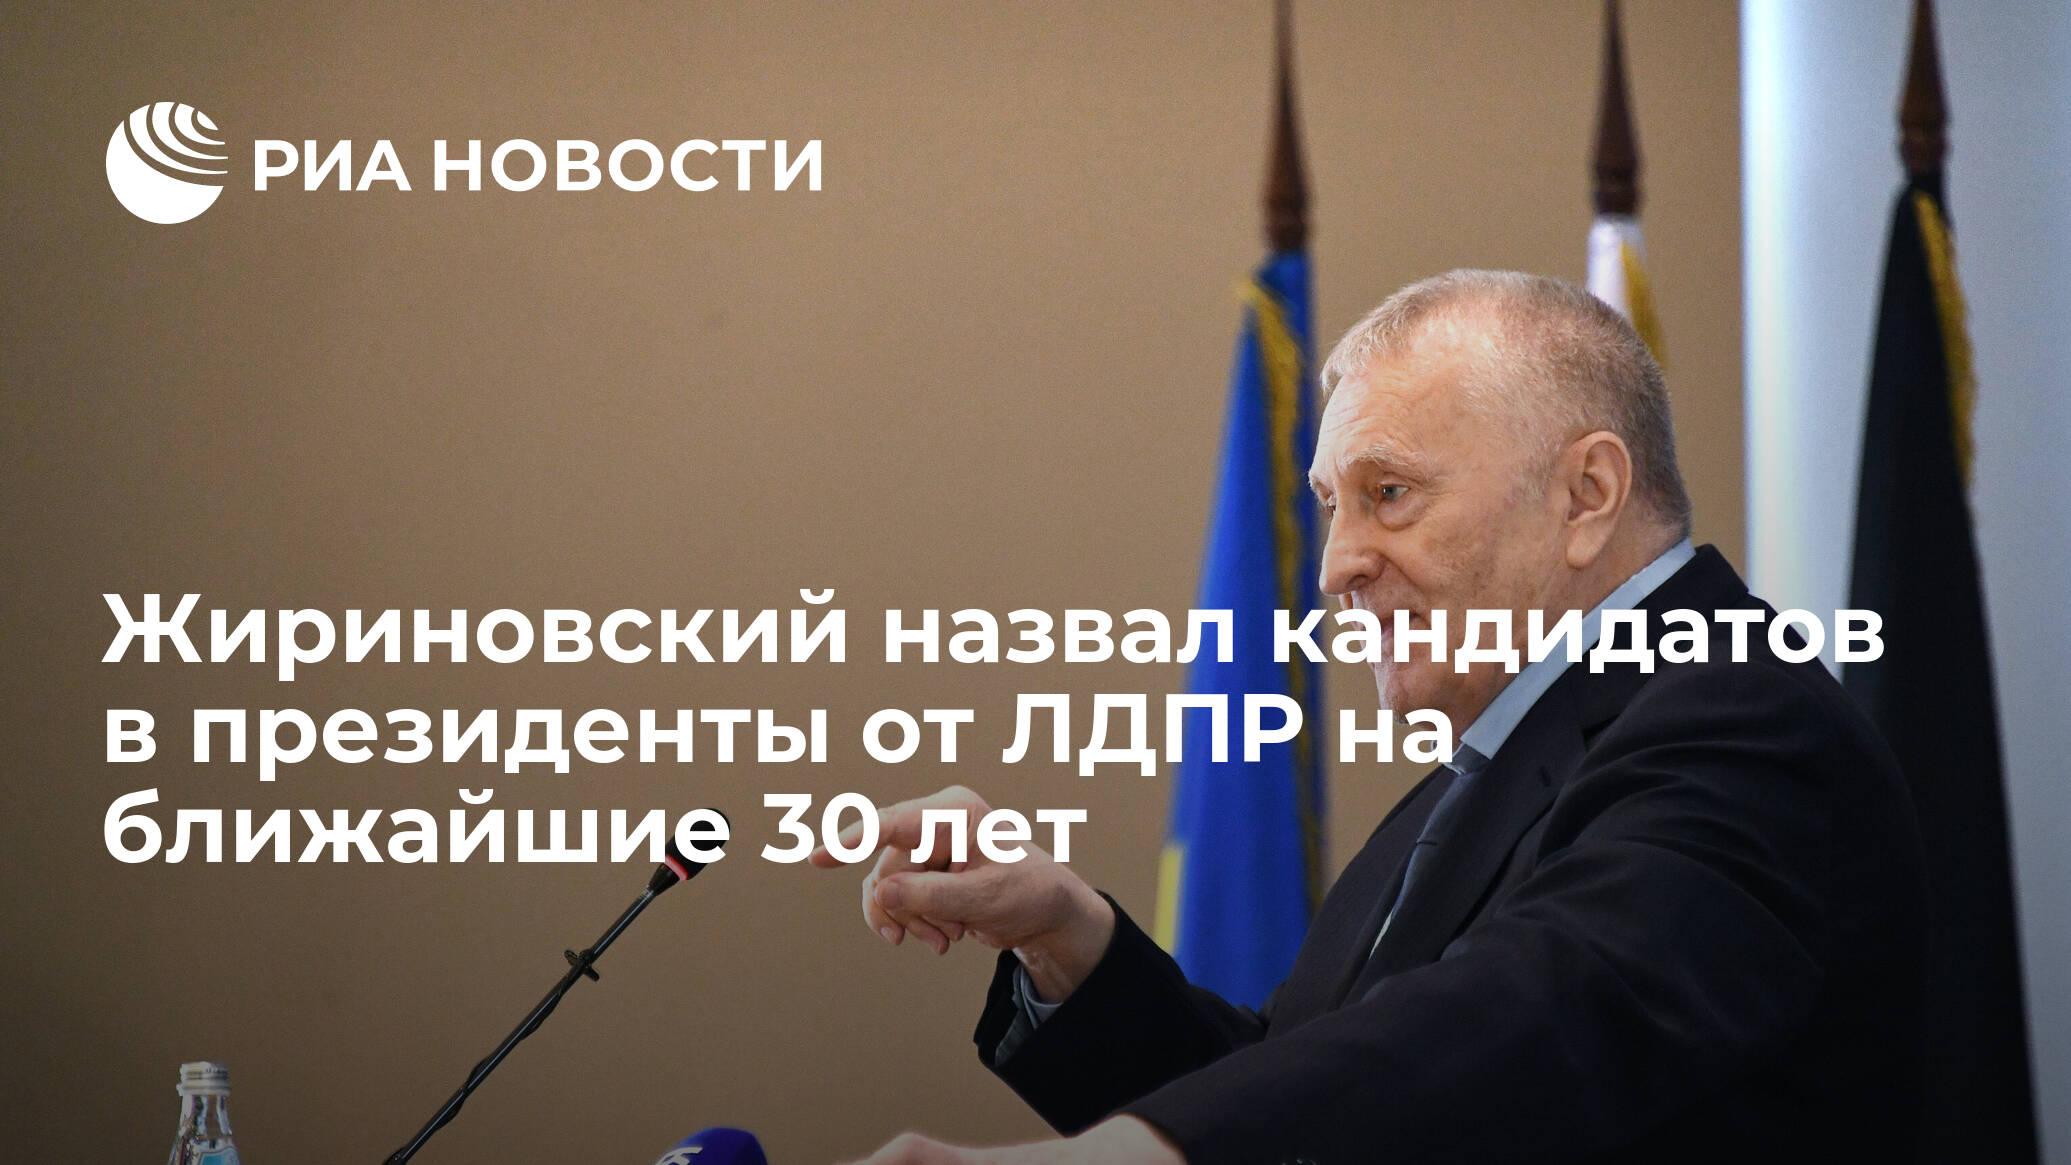 Жириновский назвал кандидатов в президенты от ЛДПР на ближайшие 30 лет